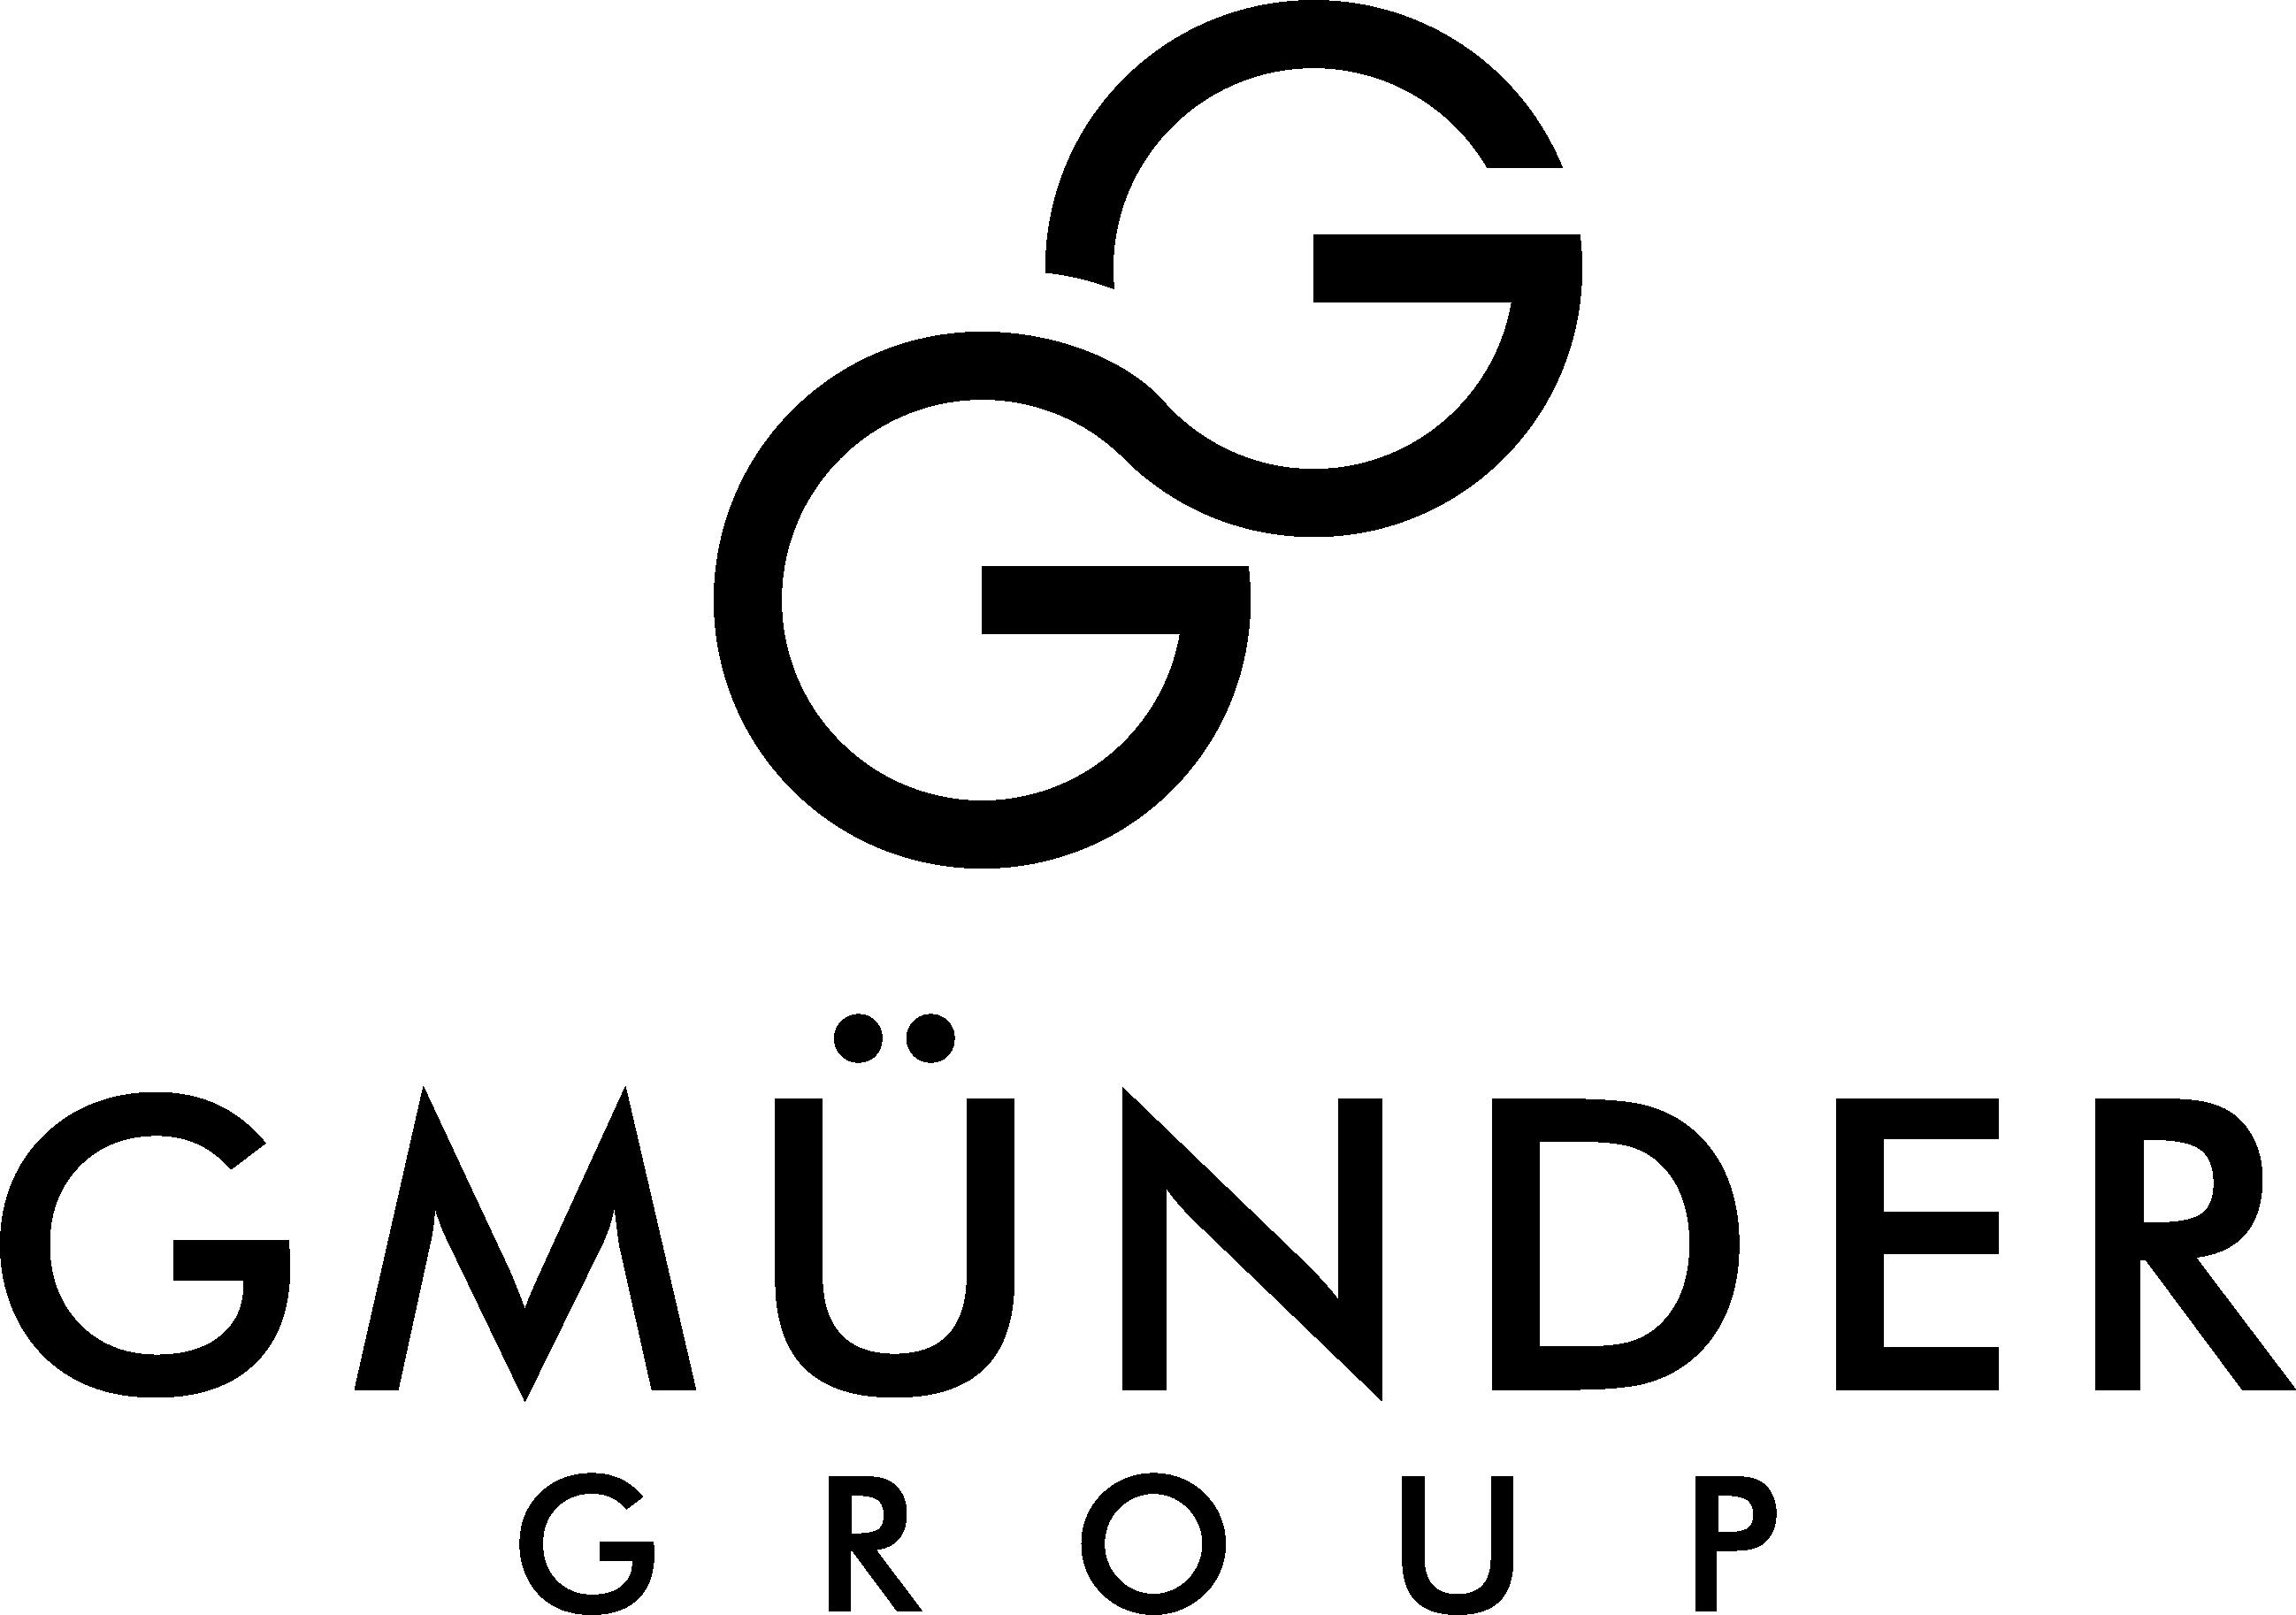 Gmünder group